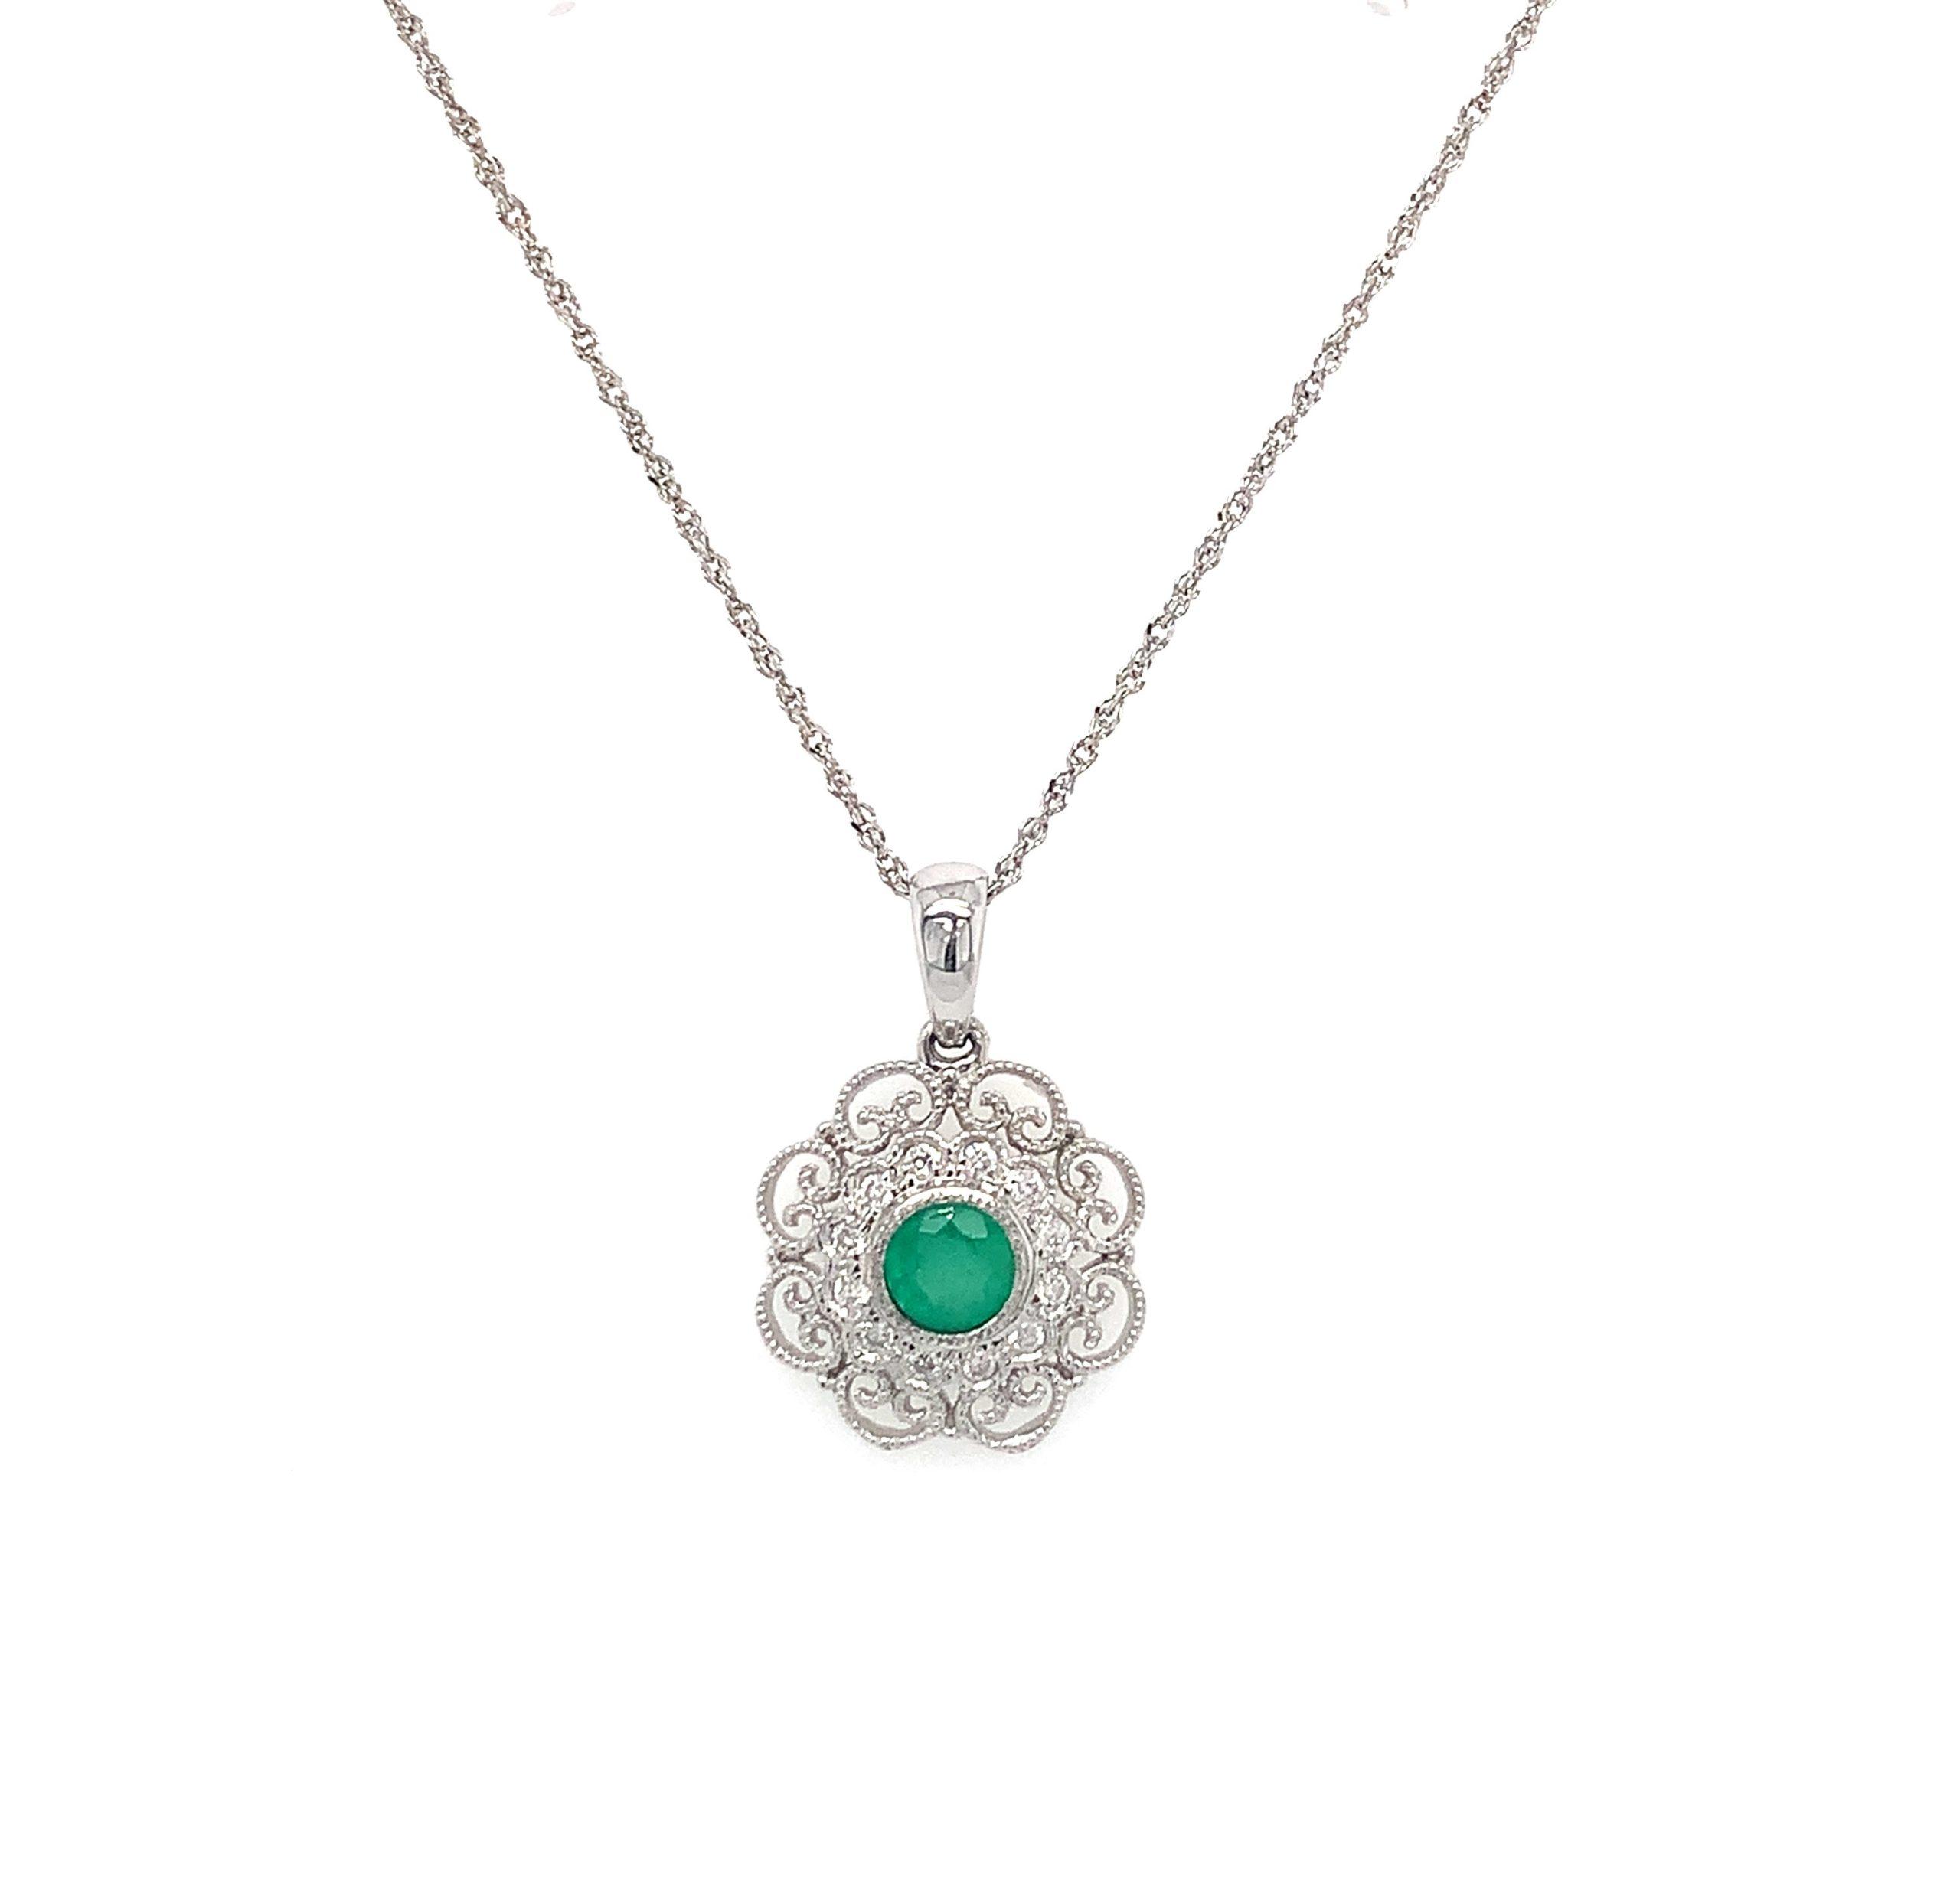 White Gold Filigree Emerald Pendant Necklace